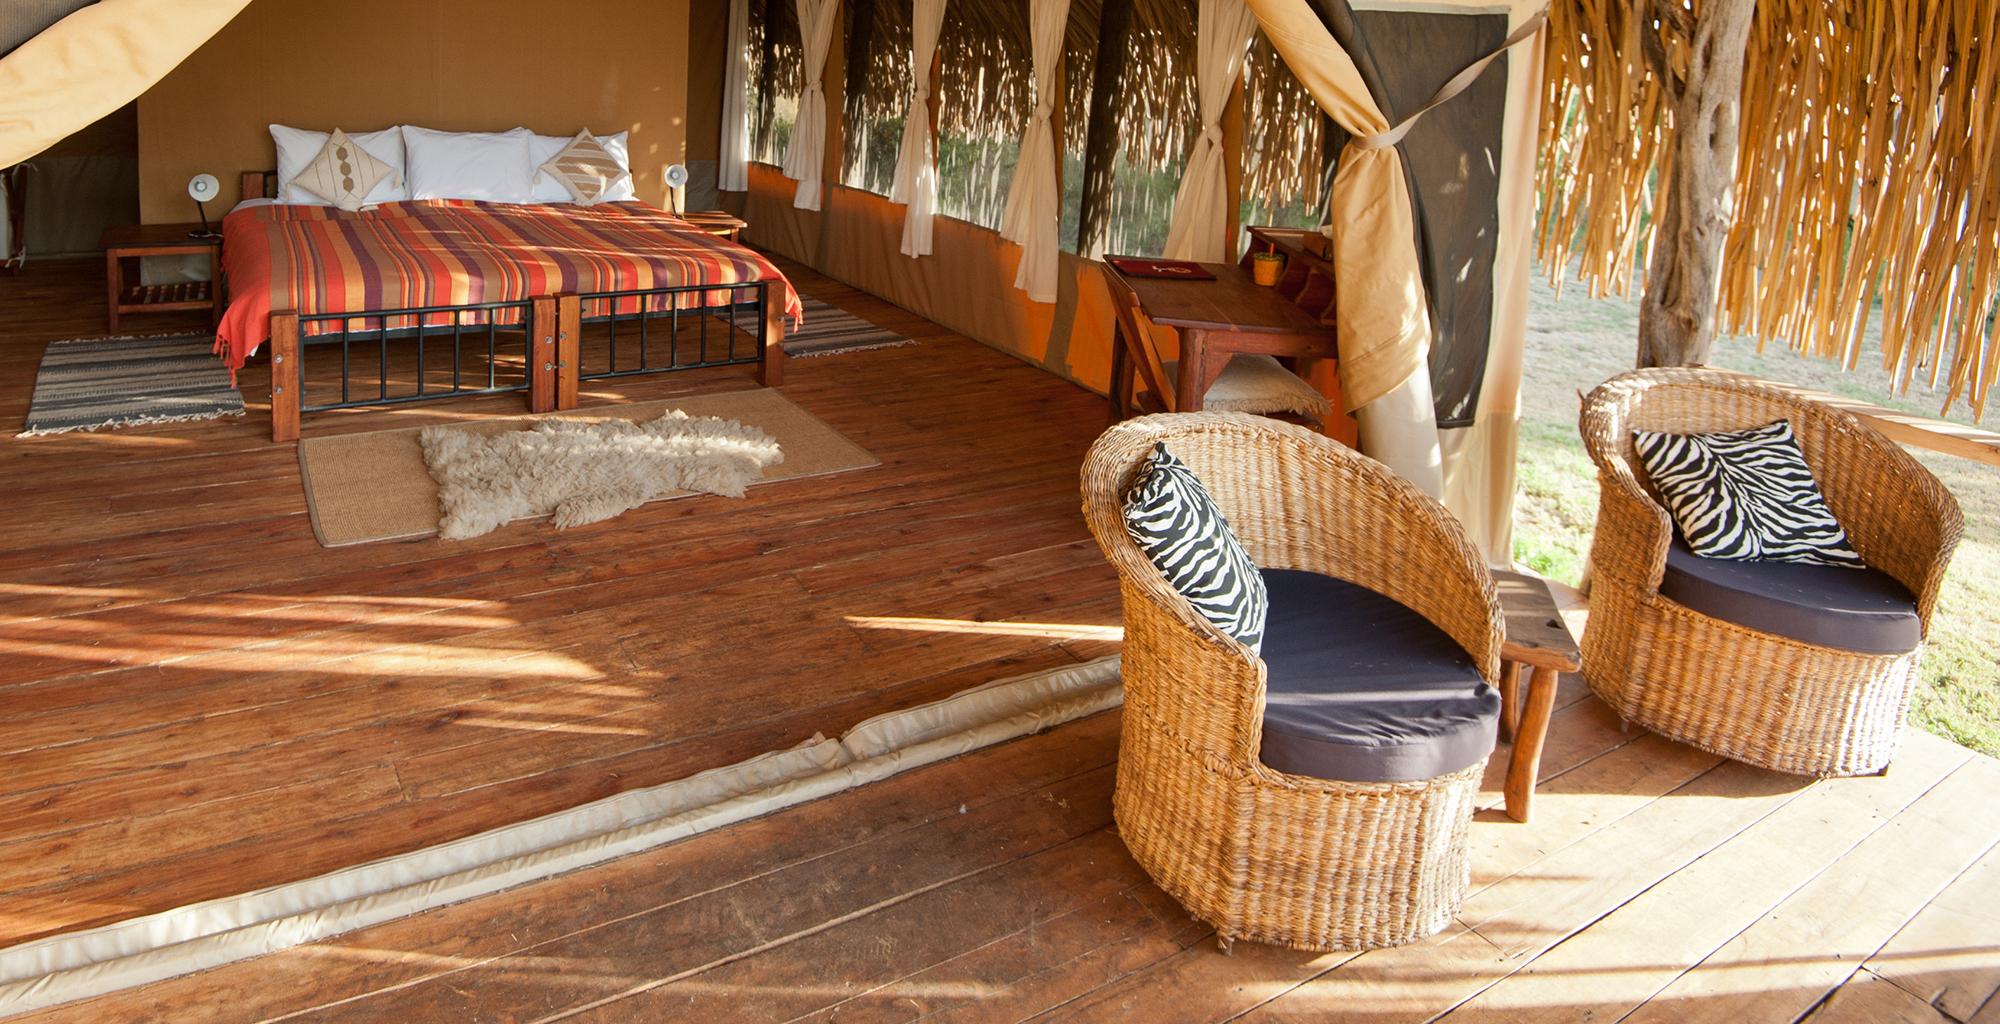 Kenya-Ekorian-Bedroom-Exterior